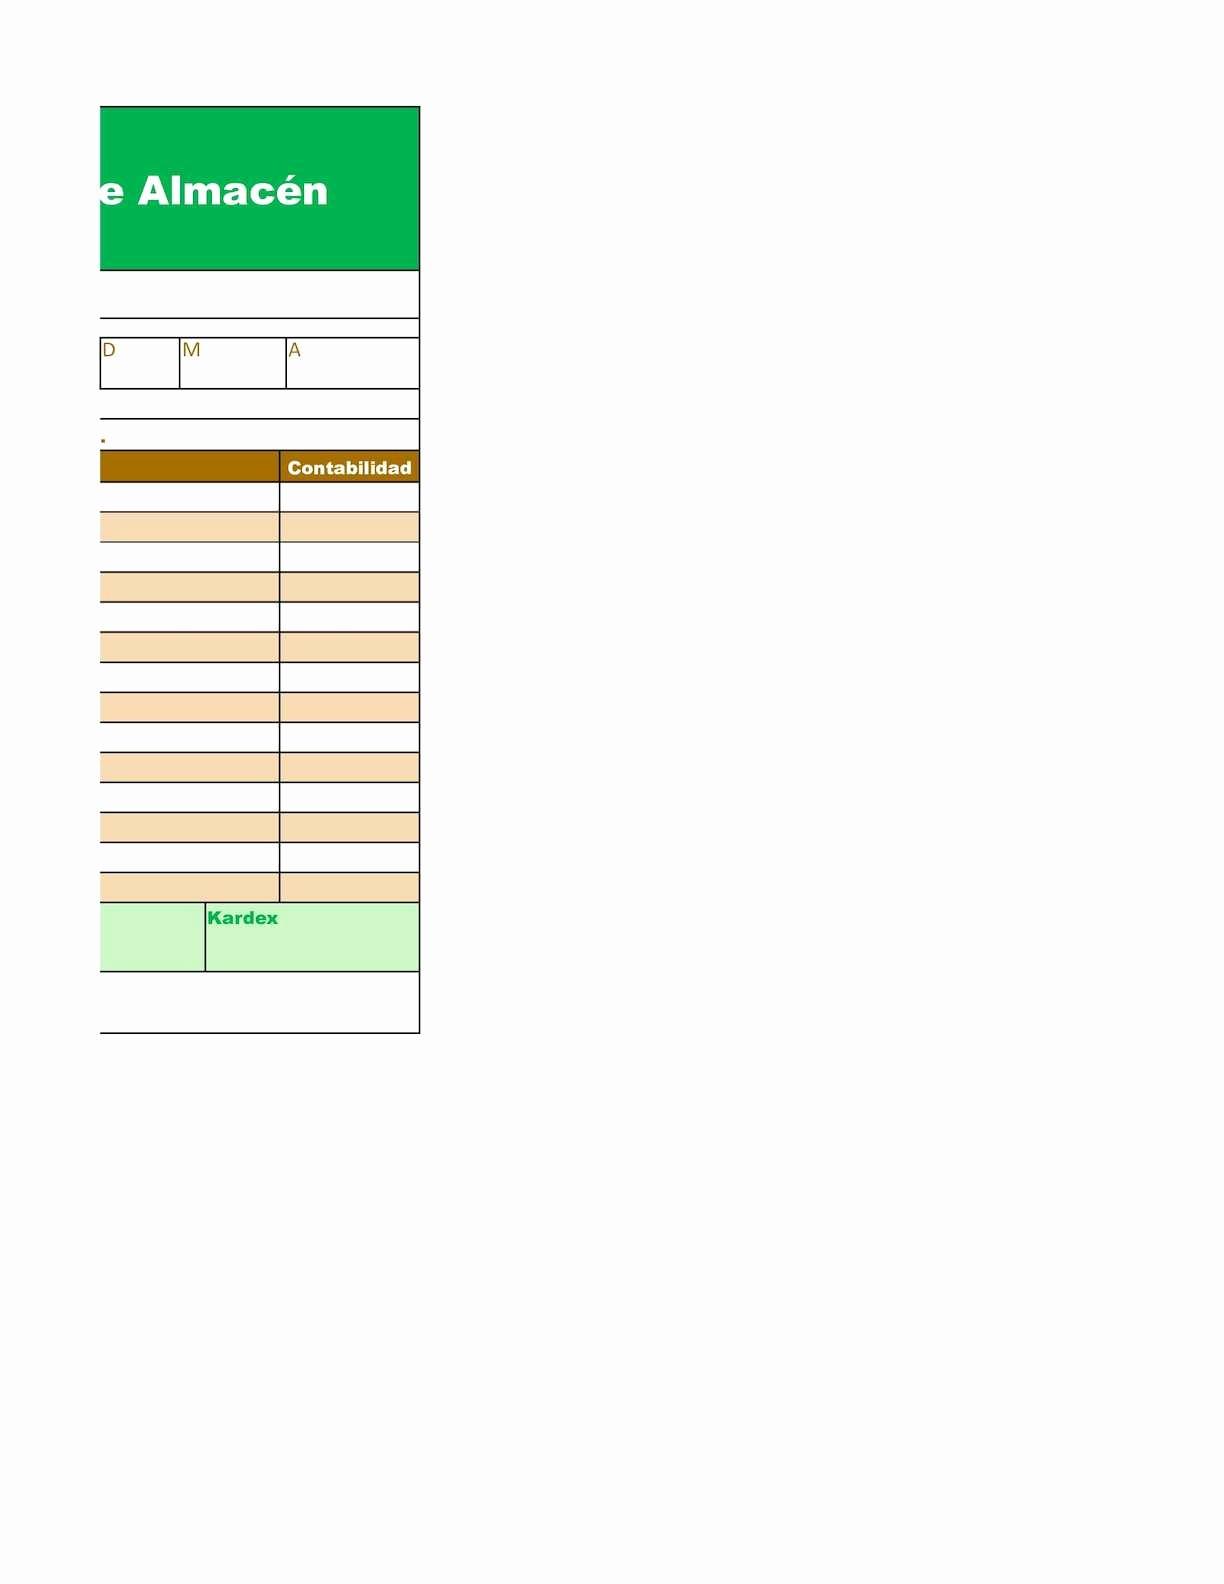 Formato Salida De Almacen Excel Luxury formato Salida De AlmacÉn Calameo Downloader